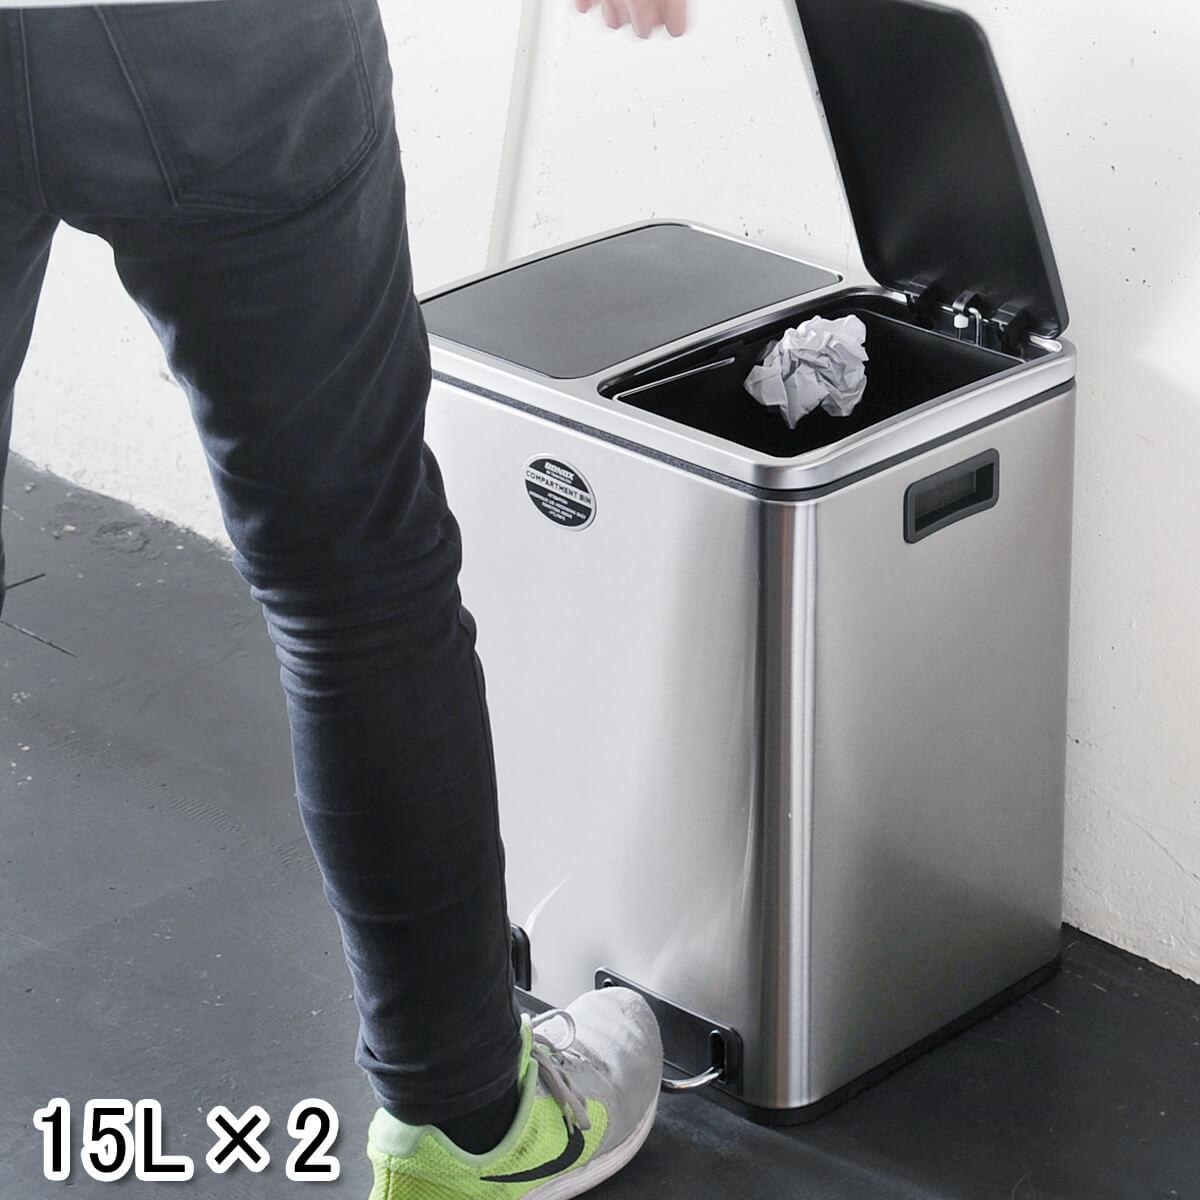 【ゴミ箱 30L おしゃれ 分別 キッチン ペダル ステンレス ふた付き アンティーク調 アンティーク風】ステンレス ダストビン 15L×2